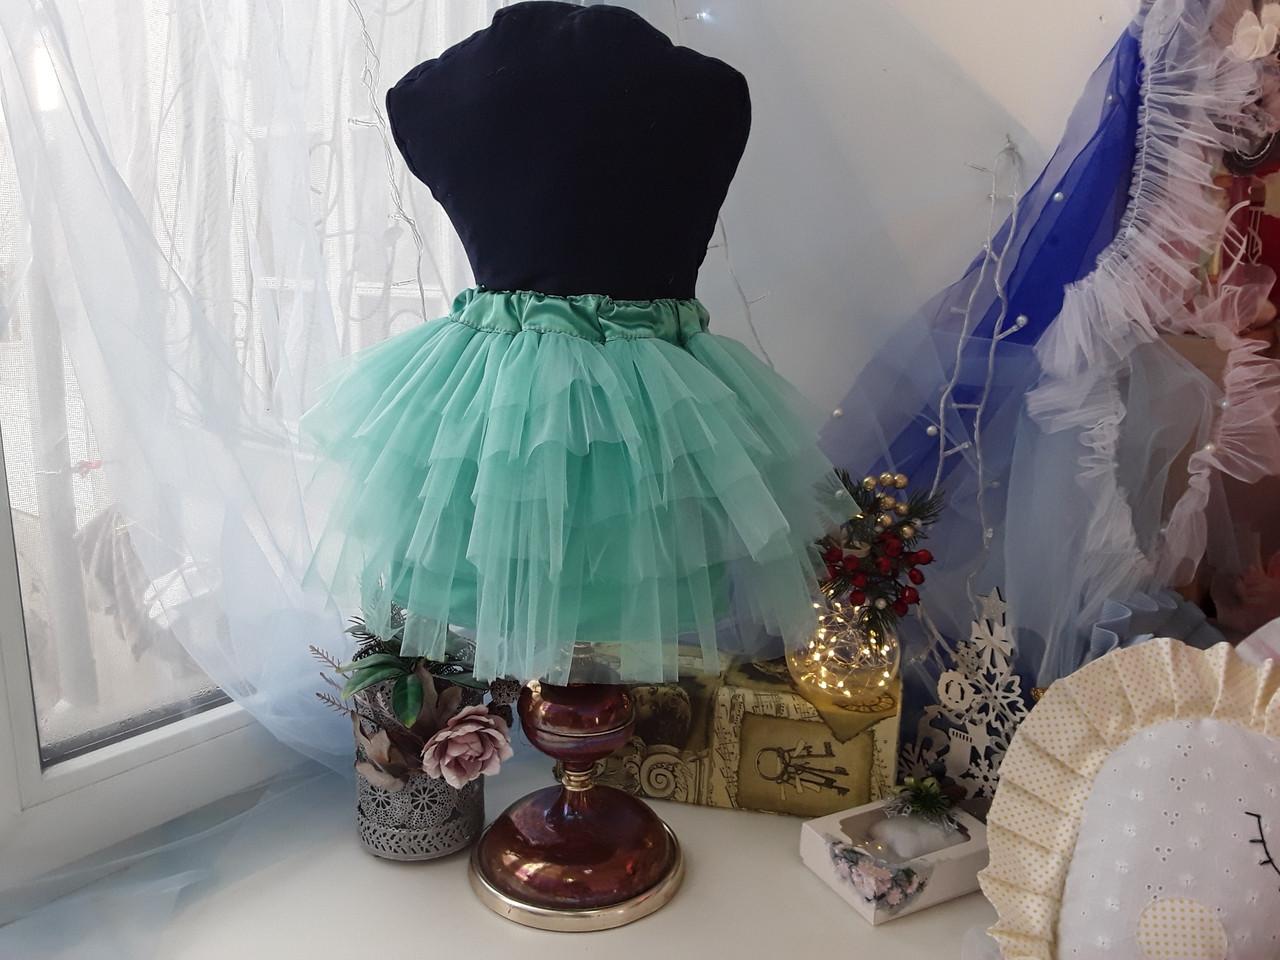 Пушистя спідниця для дівчинки, багатошарова спідниця будь-які кольори і розміри.